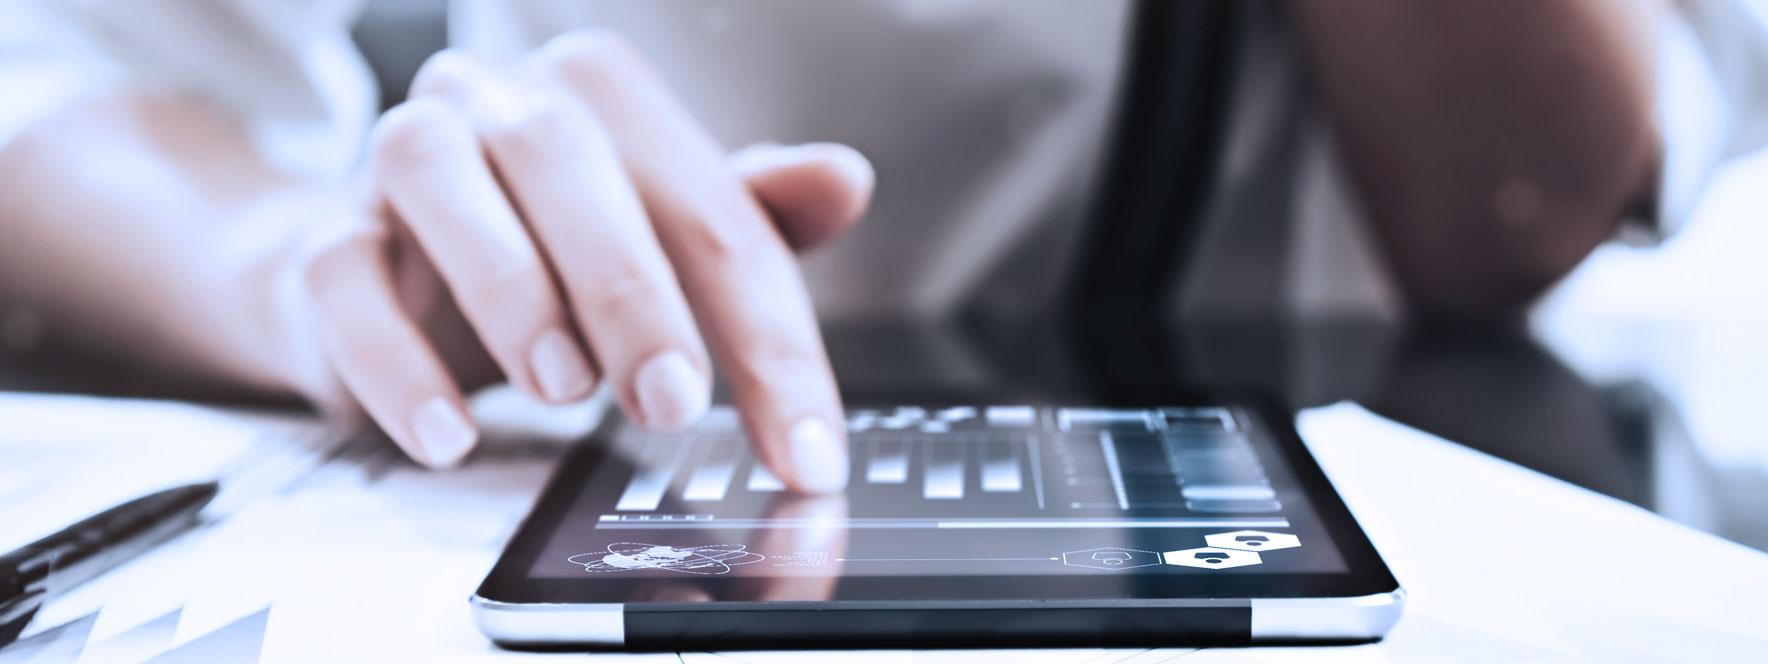 Applications gestion d'entreprise - Blogue du Réseau